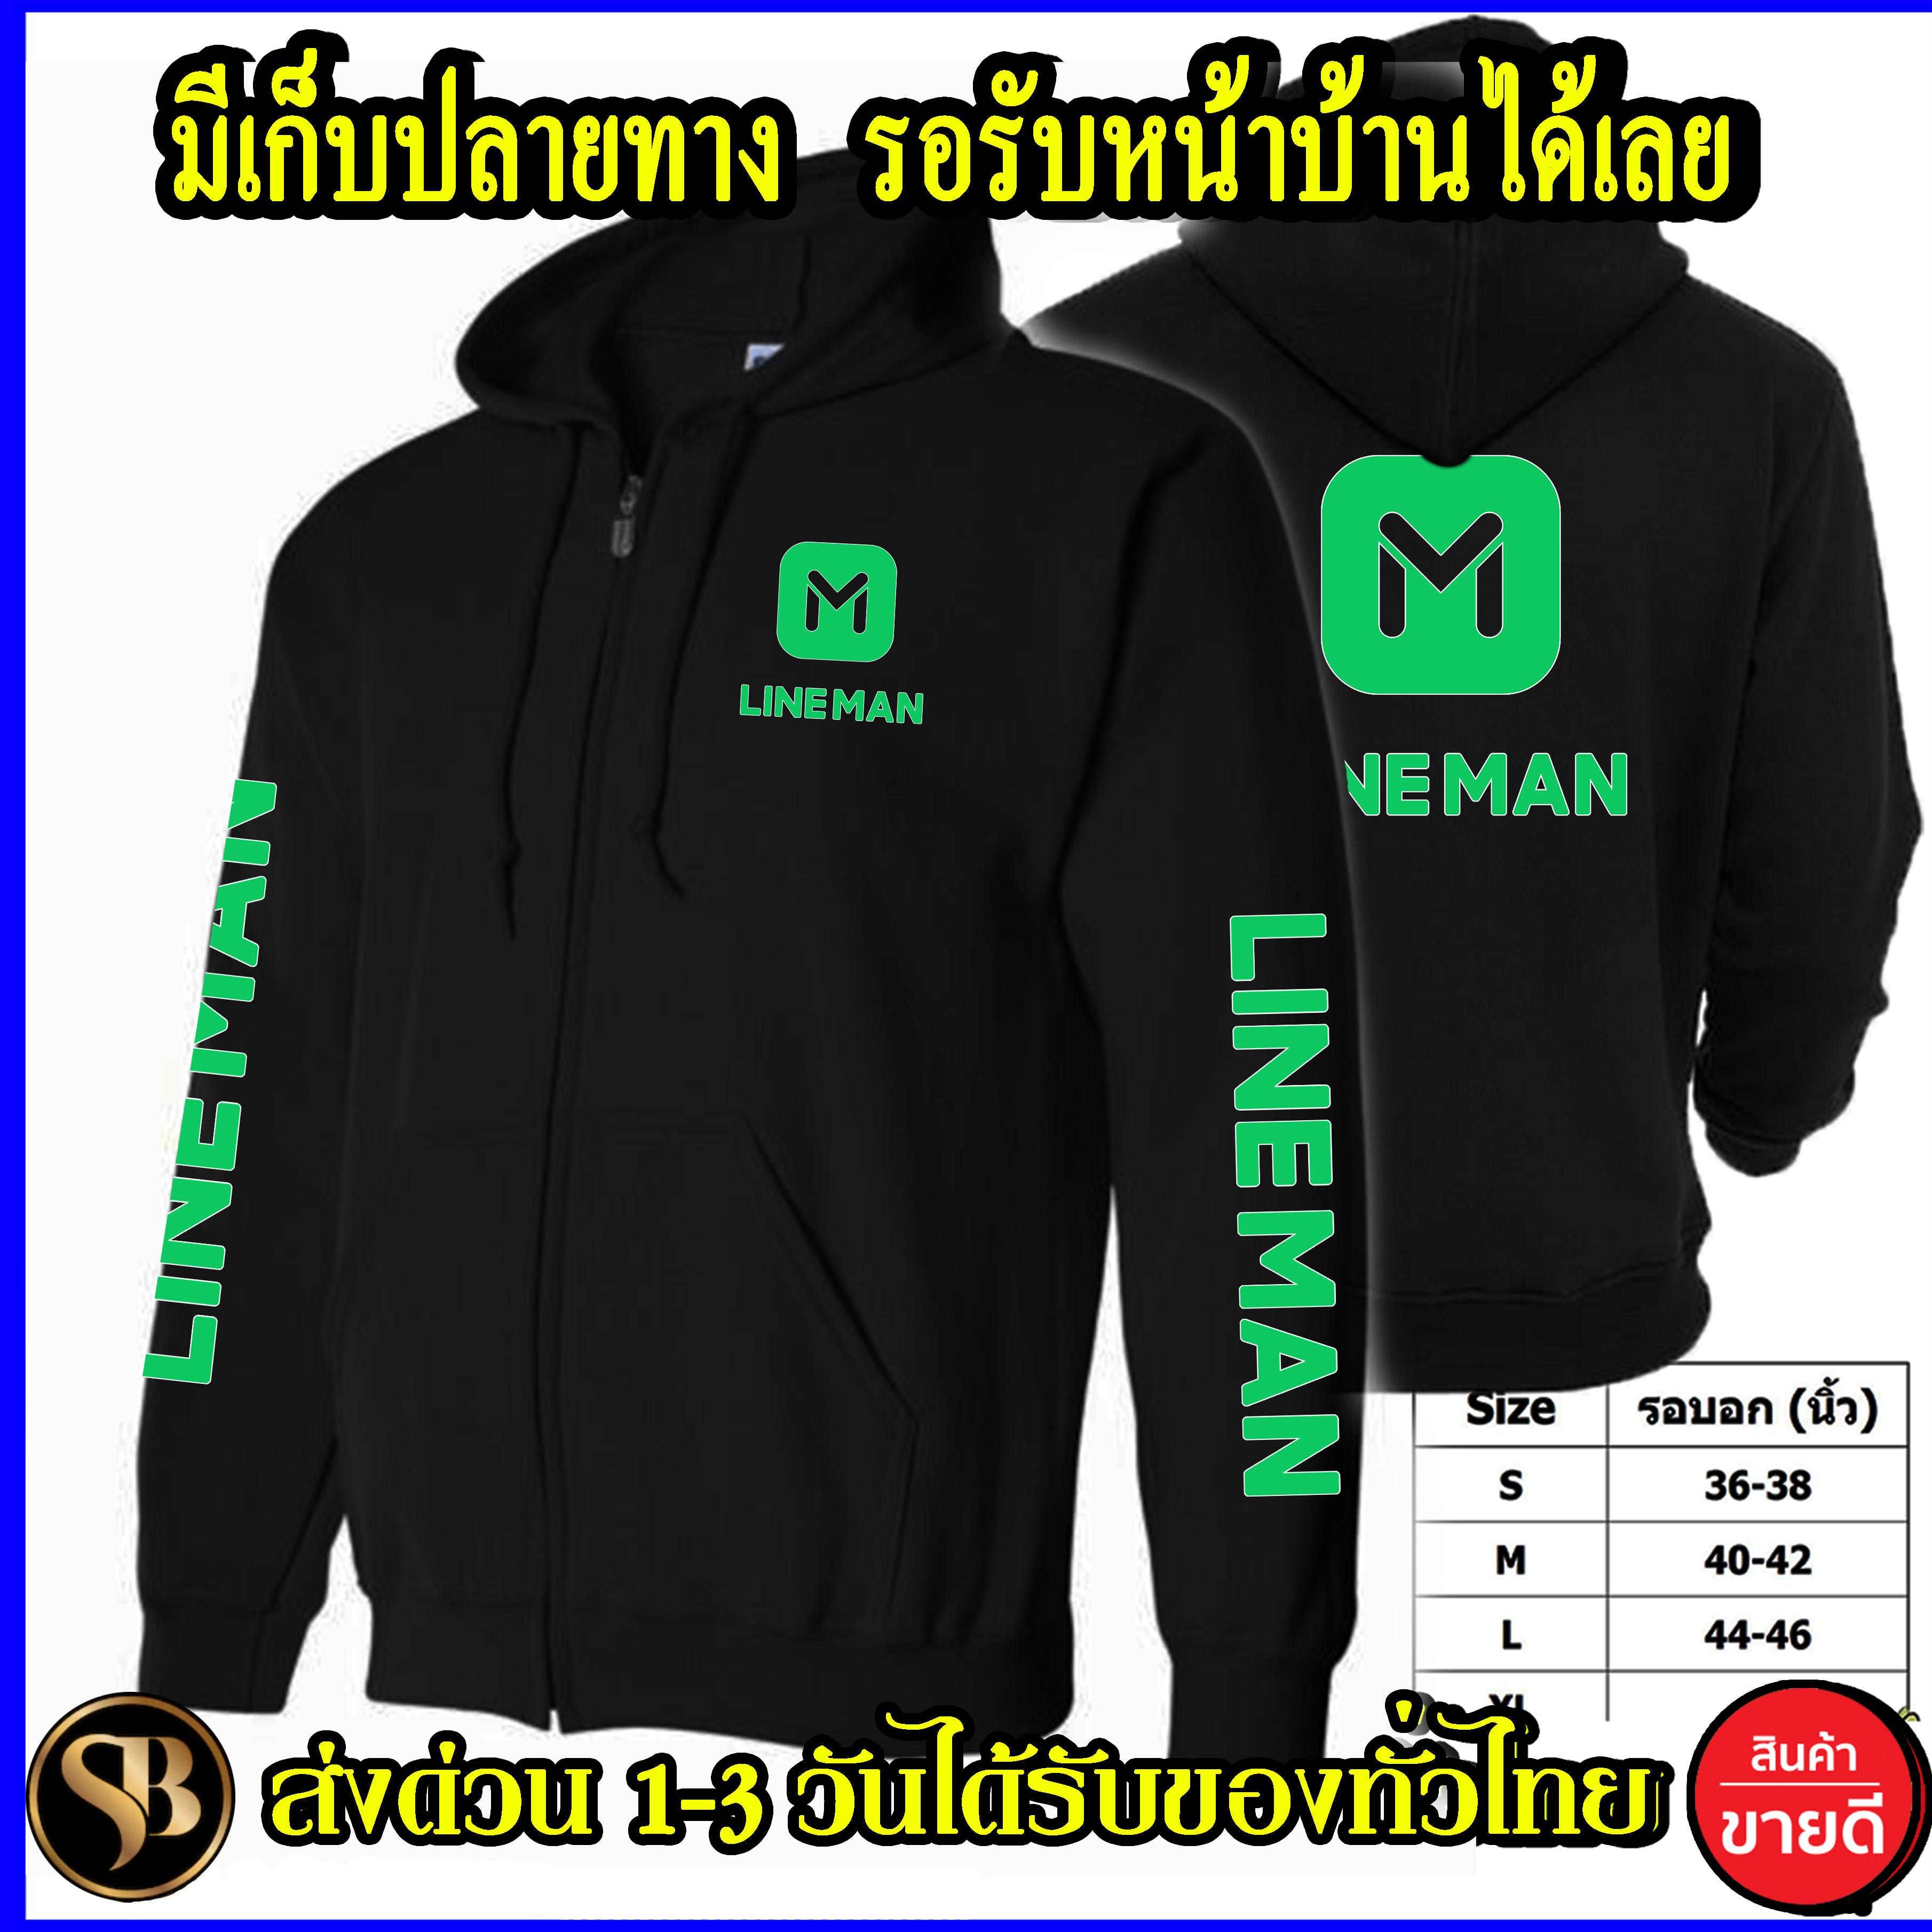 Lineman เสื้อฮู้ด ไลน์แมน งาน H&m โลโก้สีสด Hoodie แบบซิป สวม สกรีนแบบเฟล็ก Pu สวยสดไม่แตกไม่ลอก ส่งด่วนทั่วไทย.